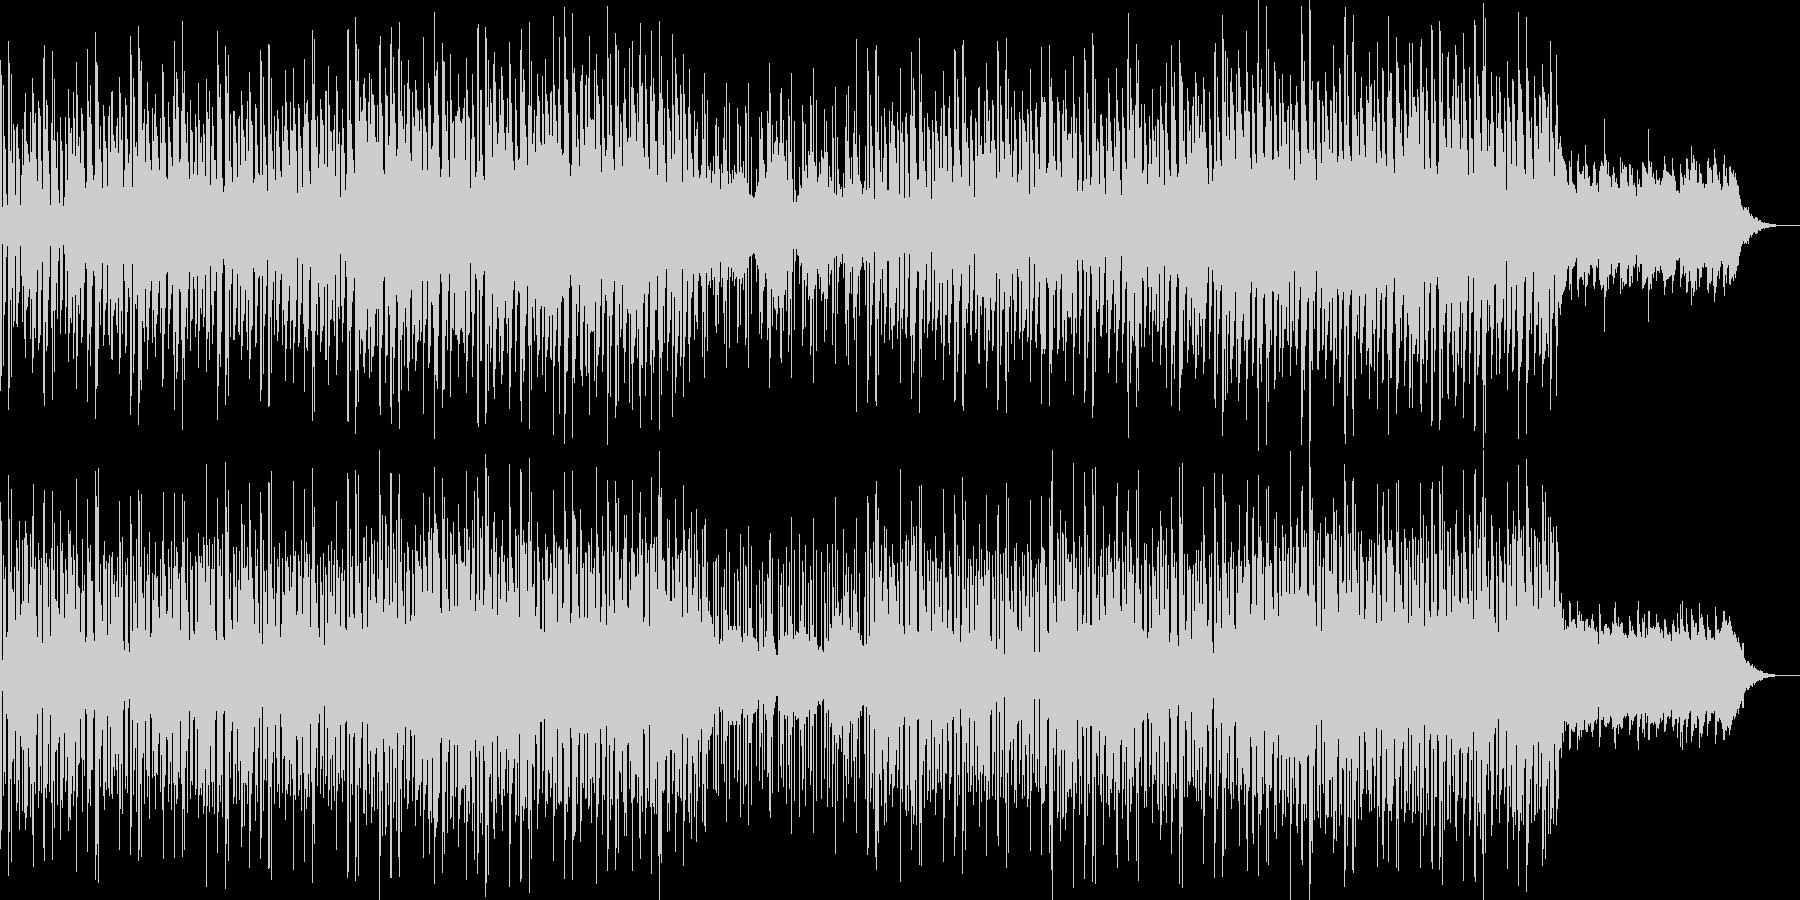 ニュース映像ナレーションバック向け-06の未再生の波形